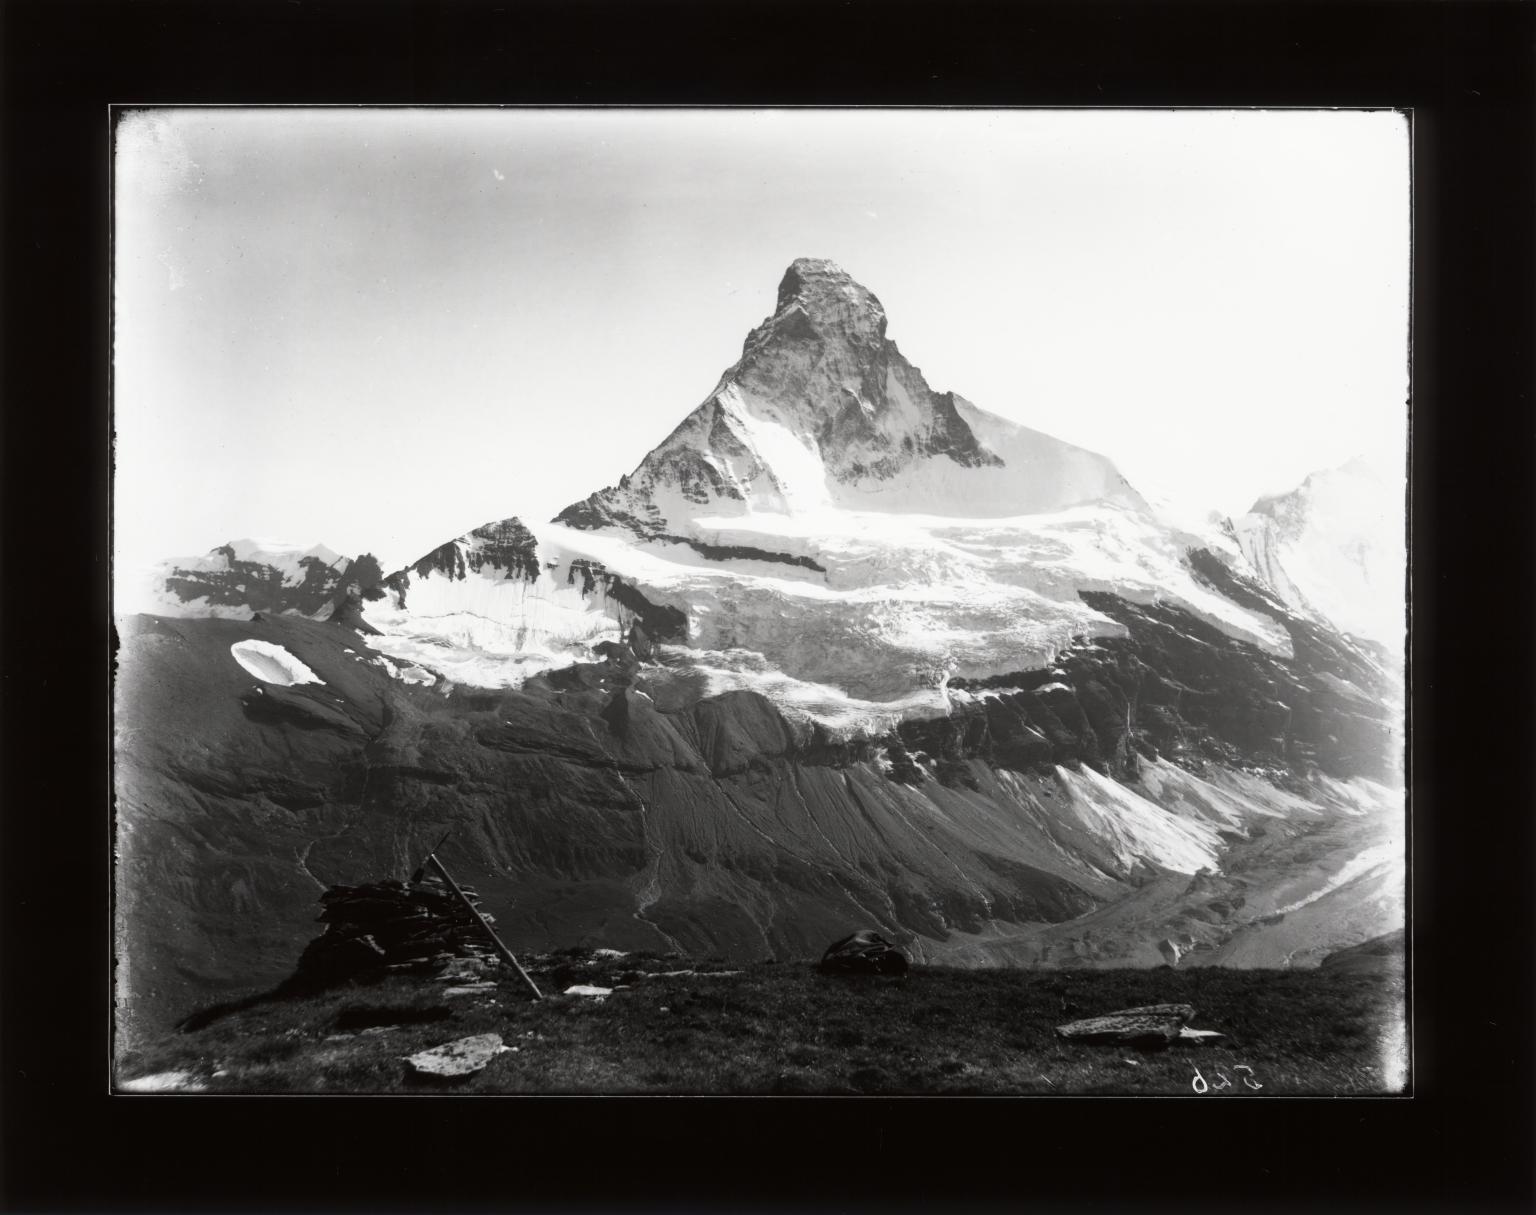 Zmutt Glacier, Valais, Switzerland